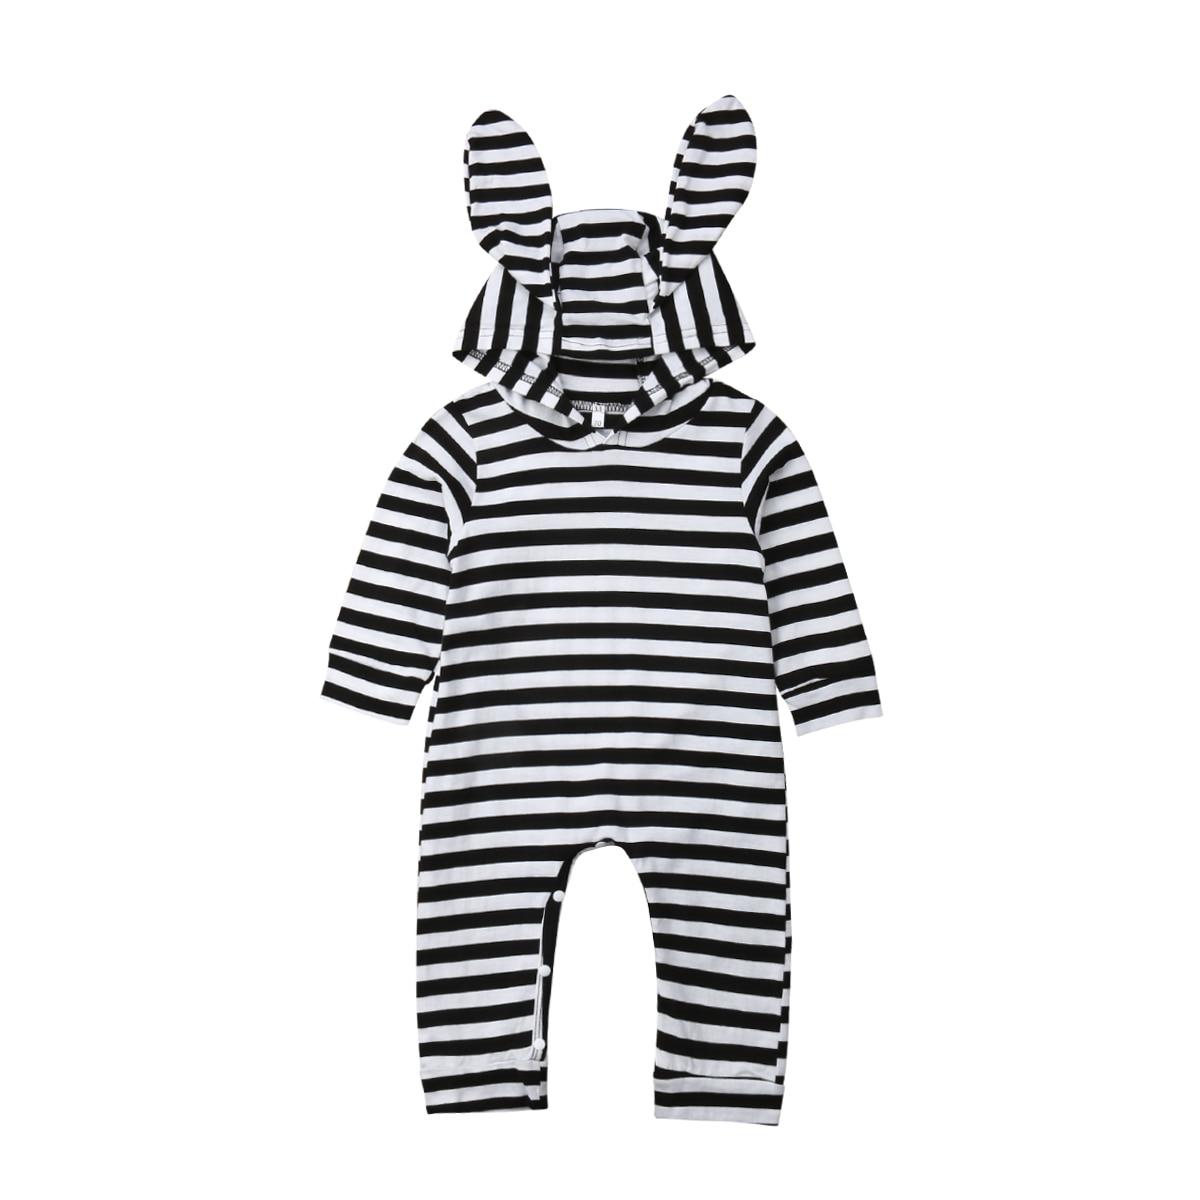 0-24 M Casual Neugeborenen Baby Junge Mädchen Langarm Bunny Ohr Mit Kapuze Gestreift Romper Overall Overall Outfits Baby Kleidung Gut Verkaufen Auf Der Ganzen Welt